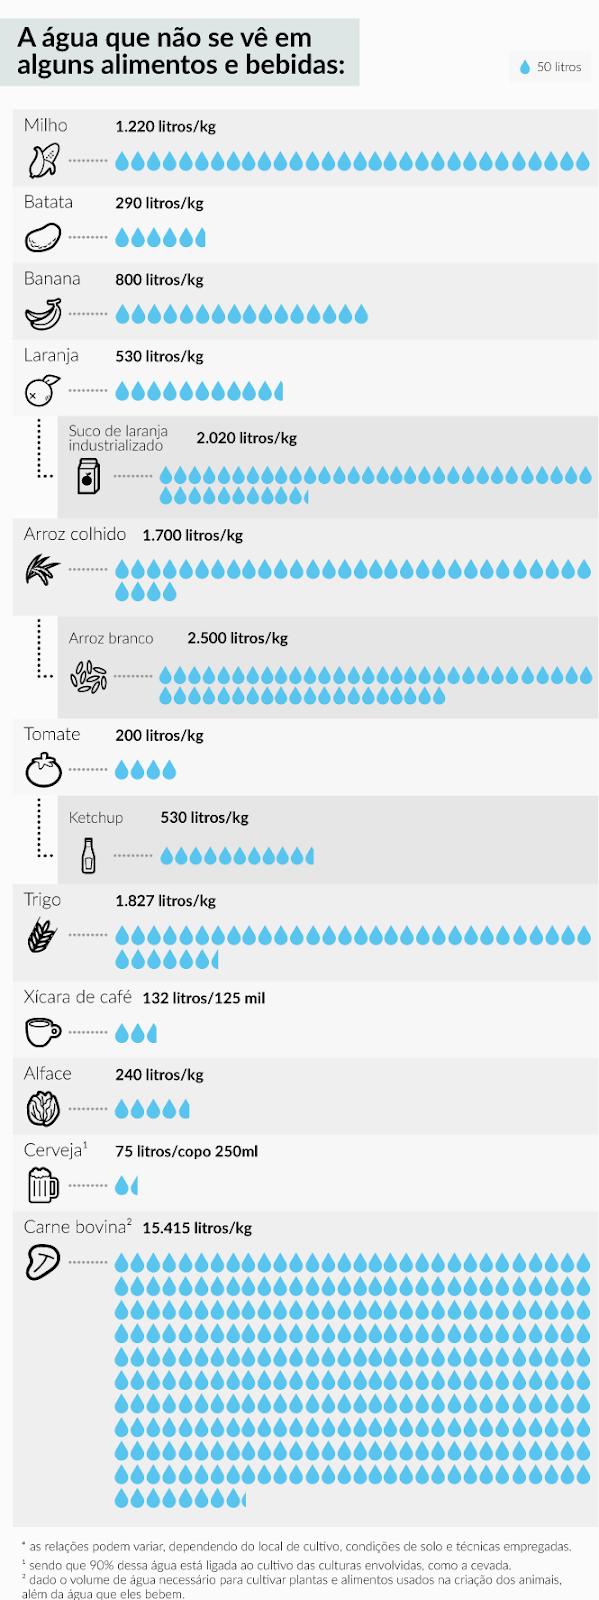 Quantidade de água usada no processo produtivo de alimentos. Fonte: Exame.